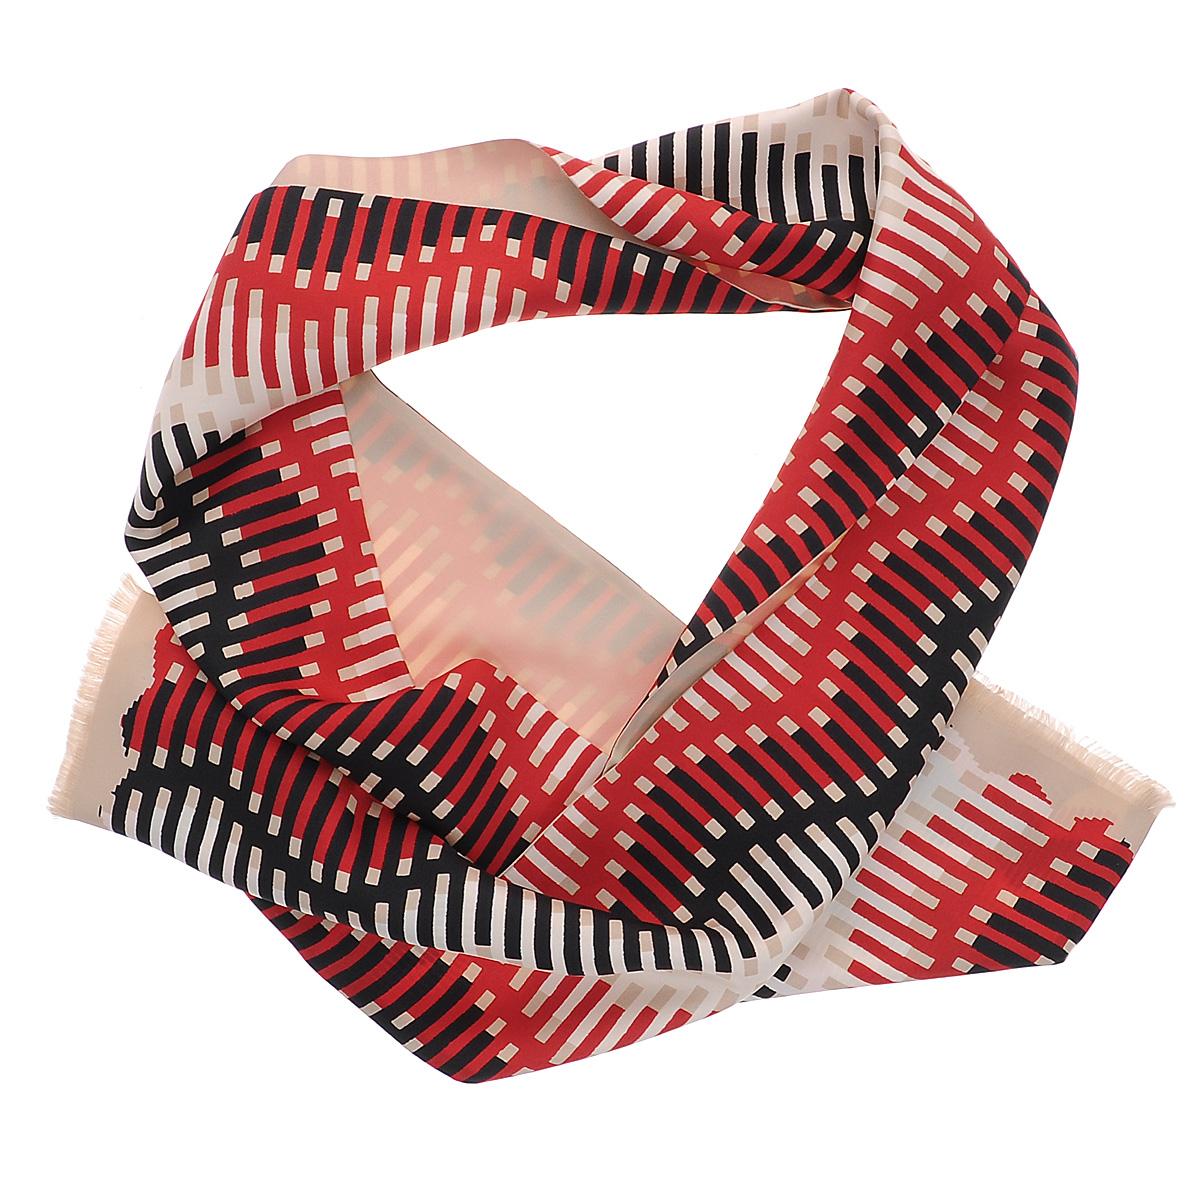 Шарф мужской Moltini, цвет: красный, черный, светло-бежевый. 90003-10C. Размер 25 см х 168 см90003-10CЯркий мужской шарф Moltini станет изысканным аксессуаром, который призван подчеркнуть ваш стиль и индивидуальность. Он выполнен из 100% шелка и оформлен оригинальным принтом с цветными полосками. Края модели декорированы тонкой бахромой.